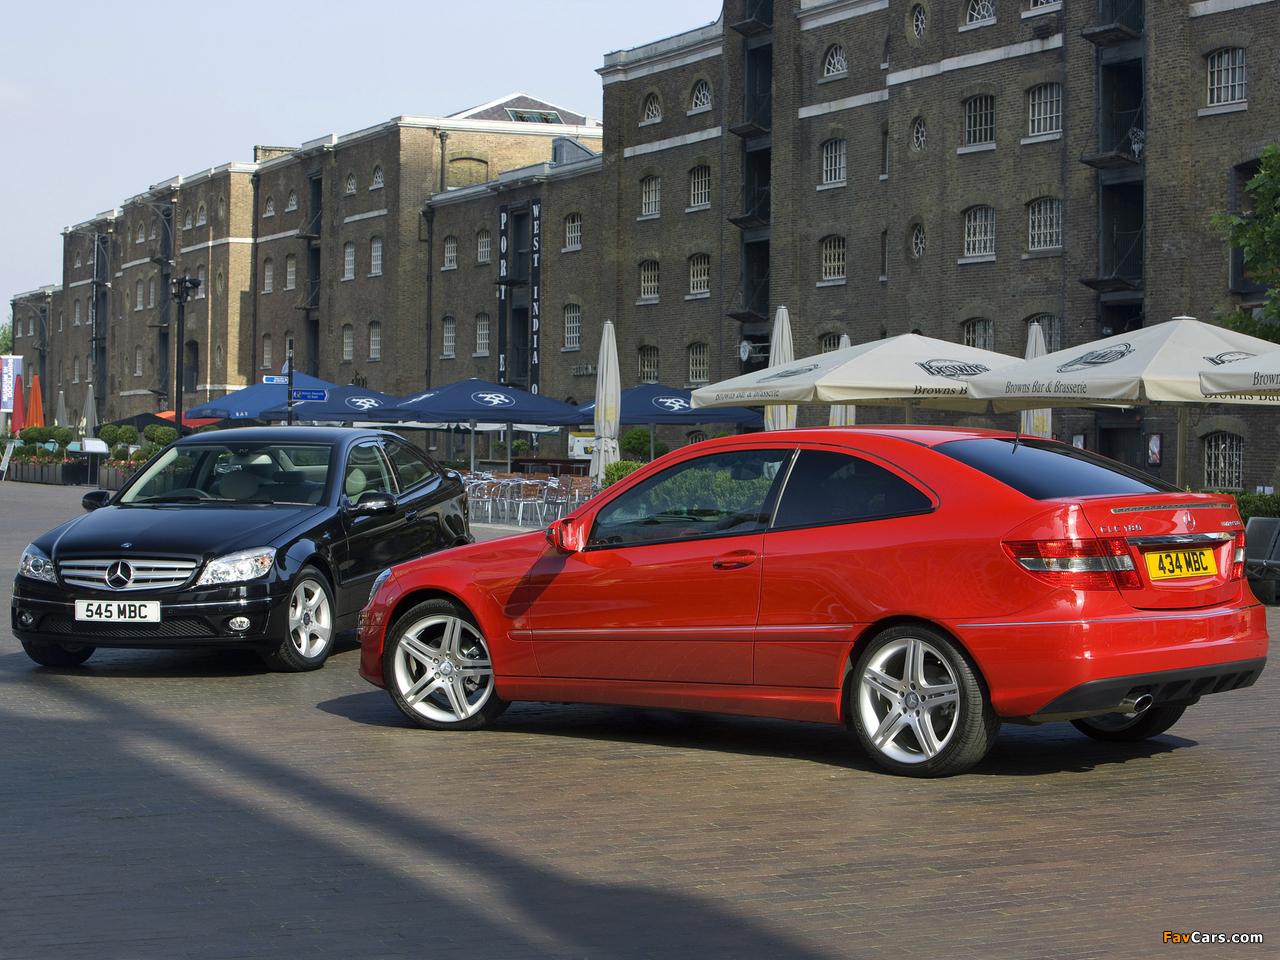 Mercedes-Benz CLC-Klasse images (1280 x 960)